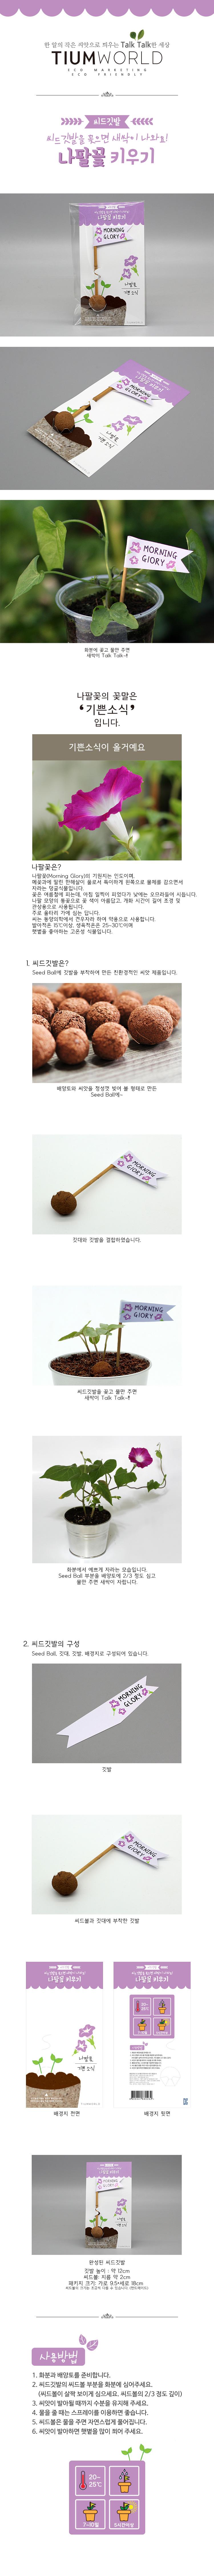 씨드깃발-나팔꽃 - 틔움세상, 1,500원, 새싹/모종키우기, 씨앗